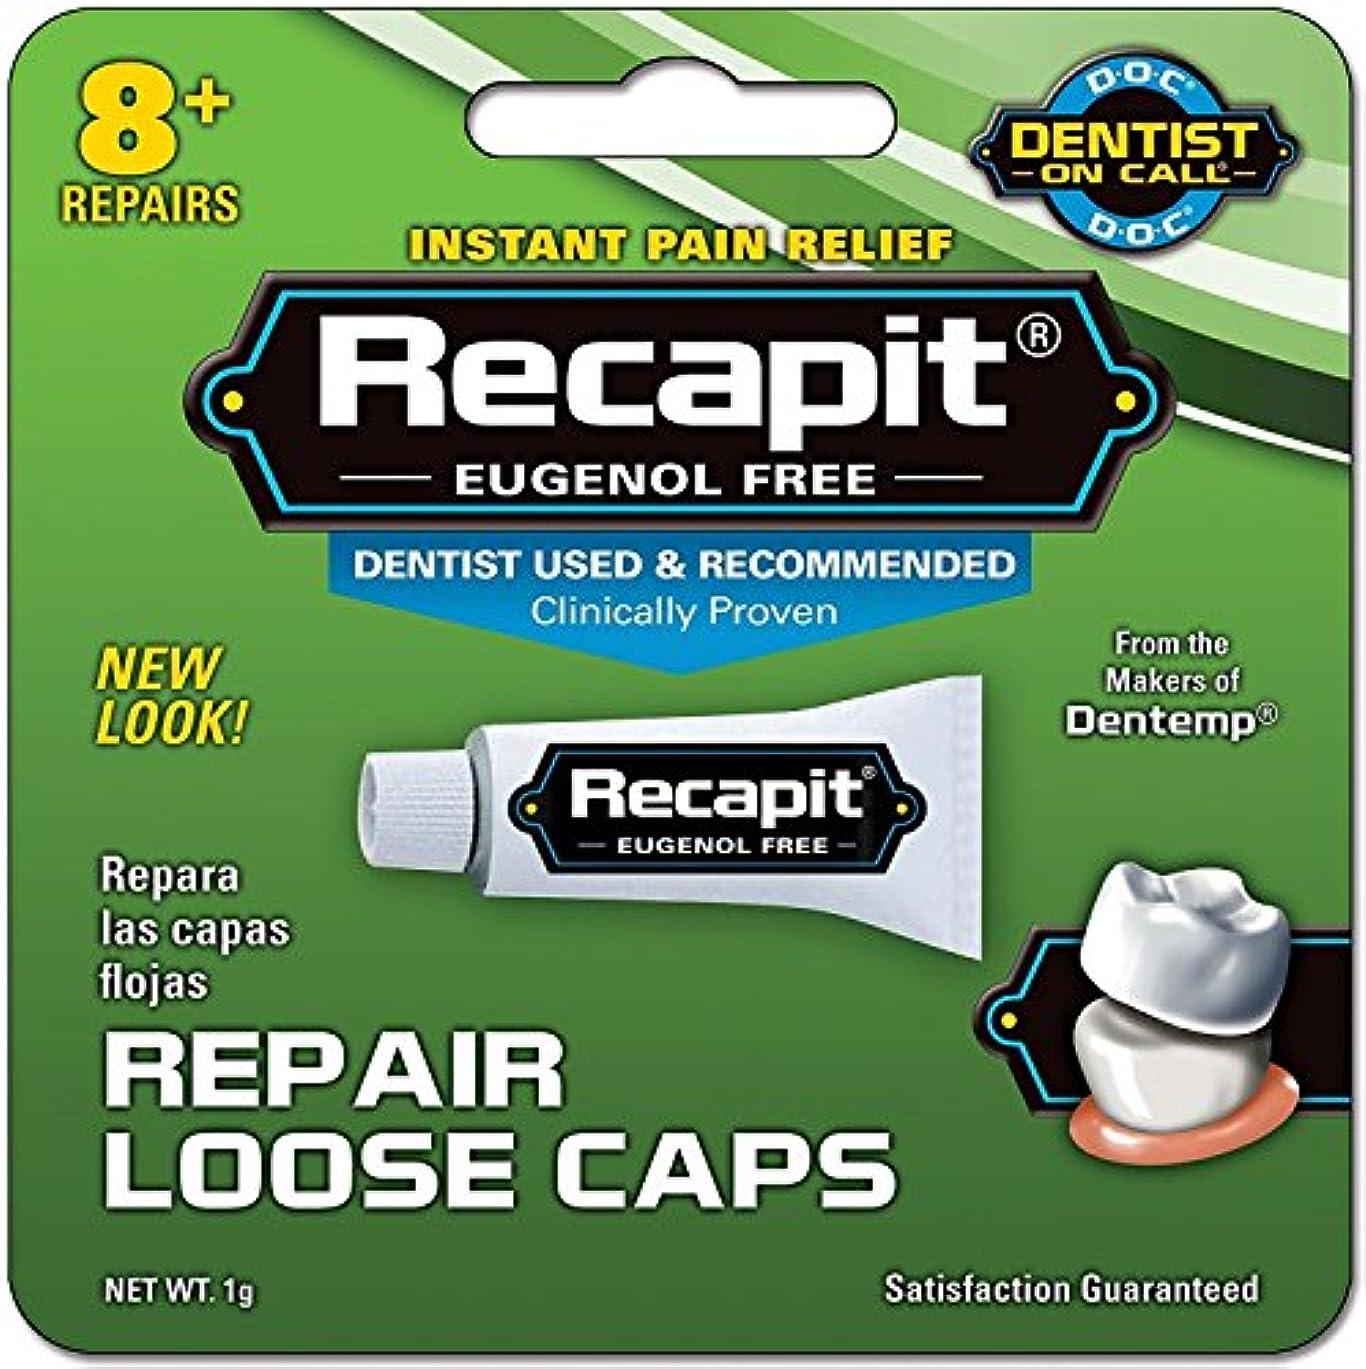 強調寝室を掃除するあいにくDoc Recapitルースキャップ歯科修復 - 8つの修理、2パック